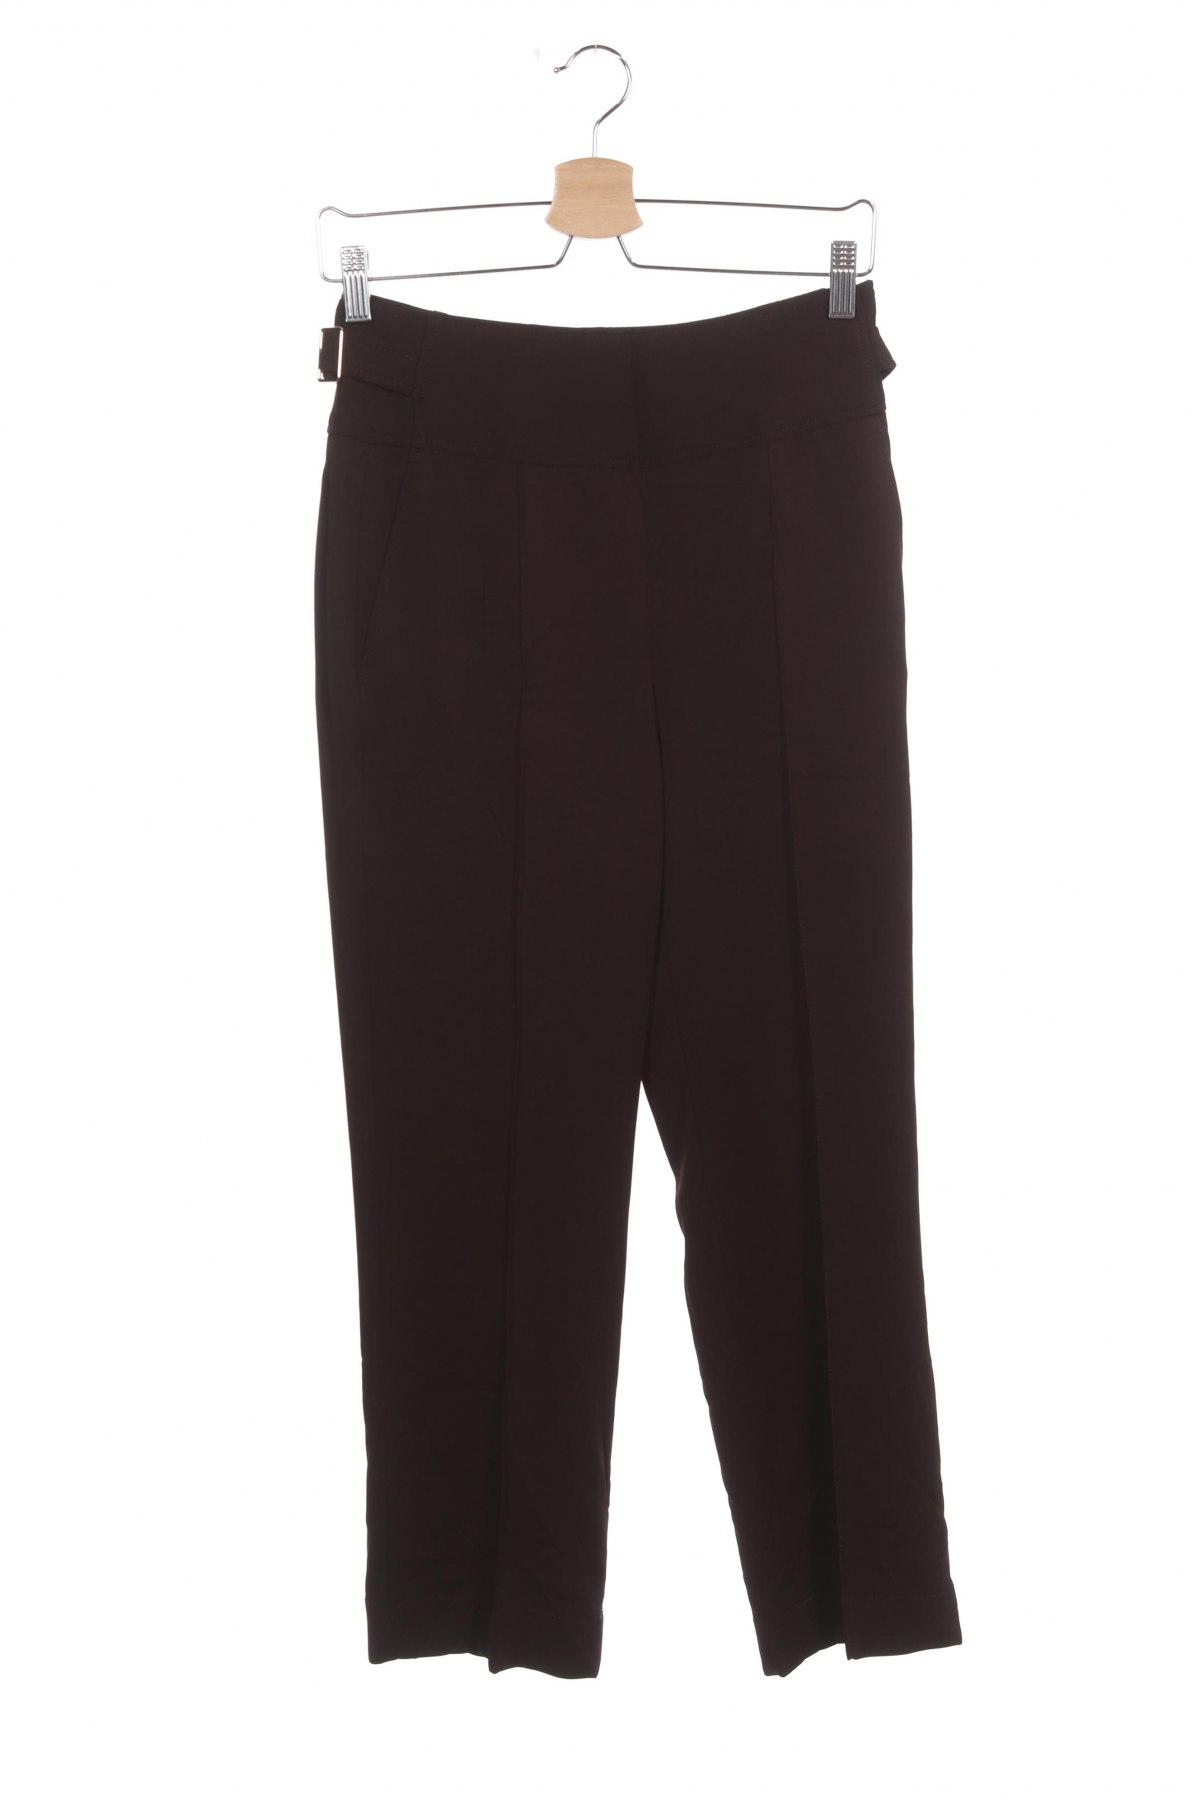 Дамски панталон Massimo Dutti, Размер XS, Цвят Кафяв, 96% вискоза, 4% еластан, Цена 74,25лв.